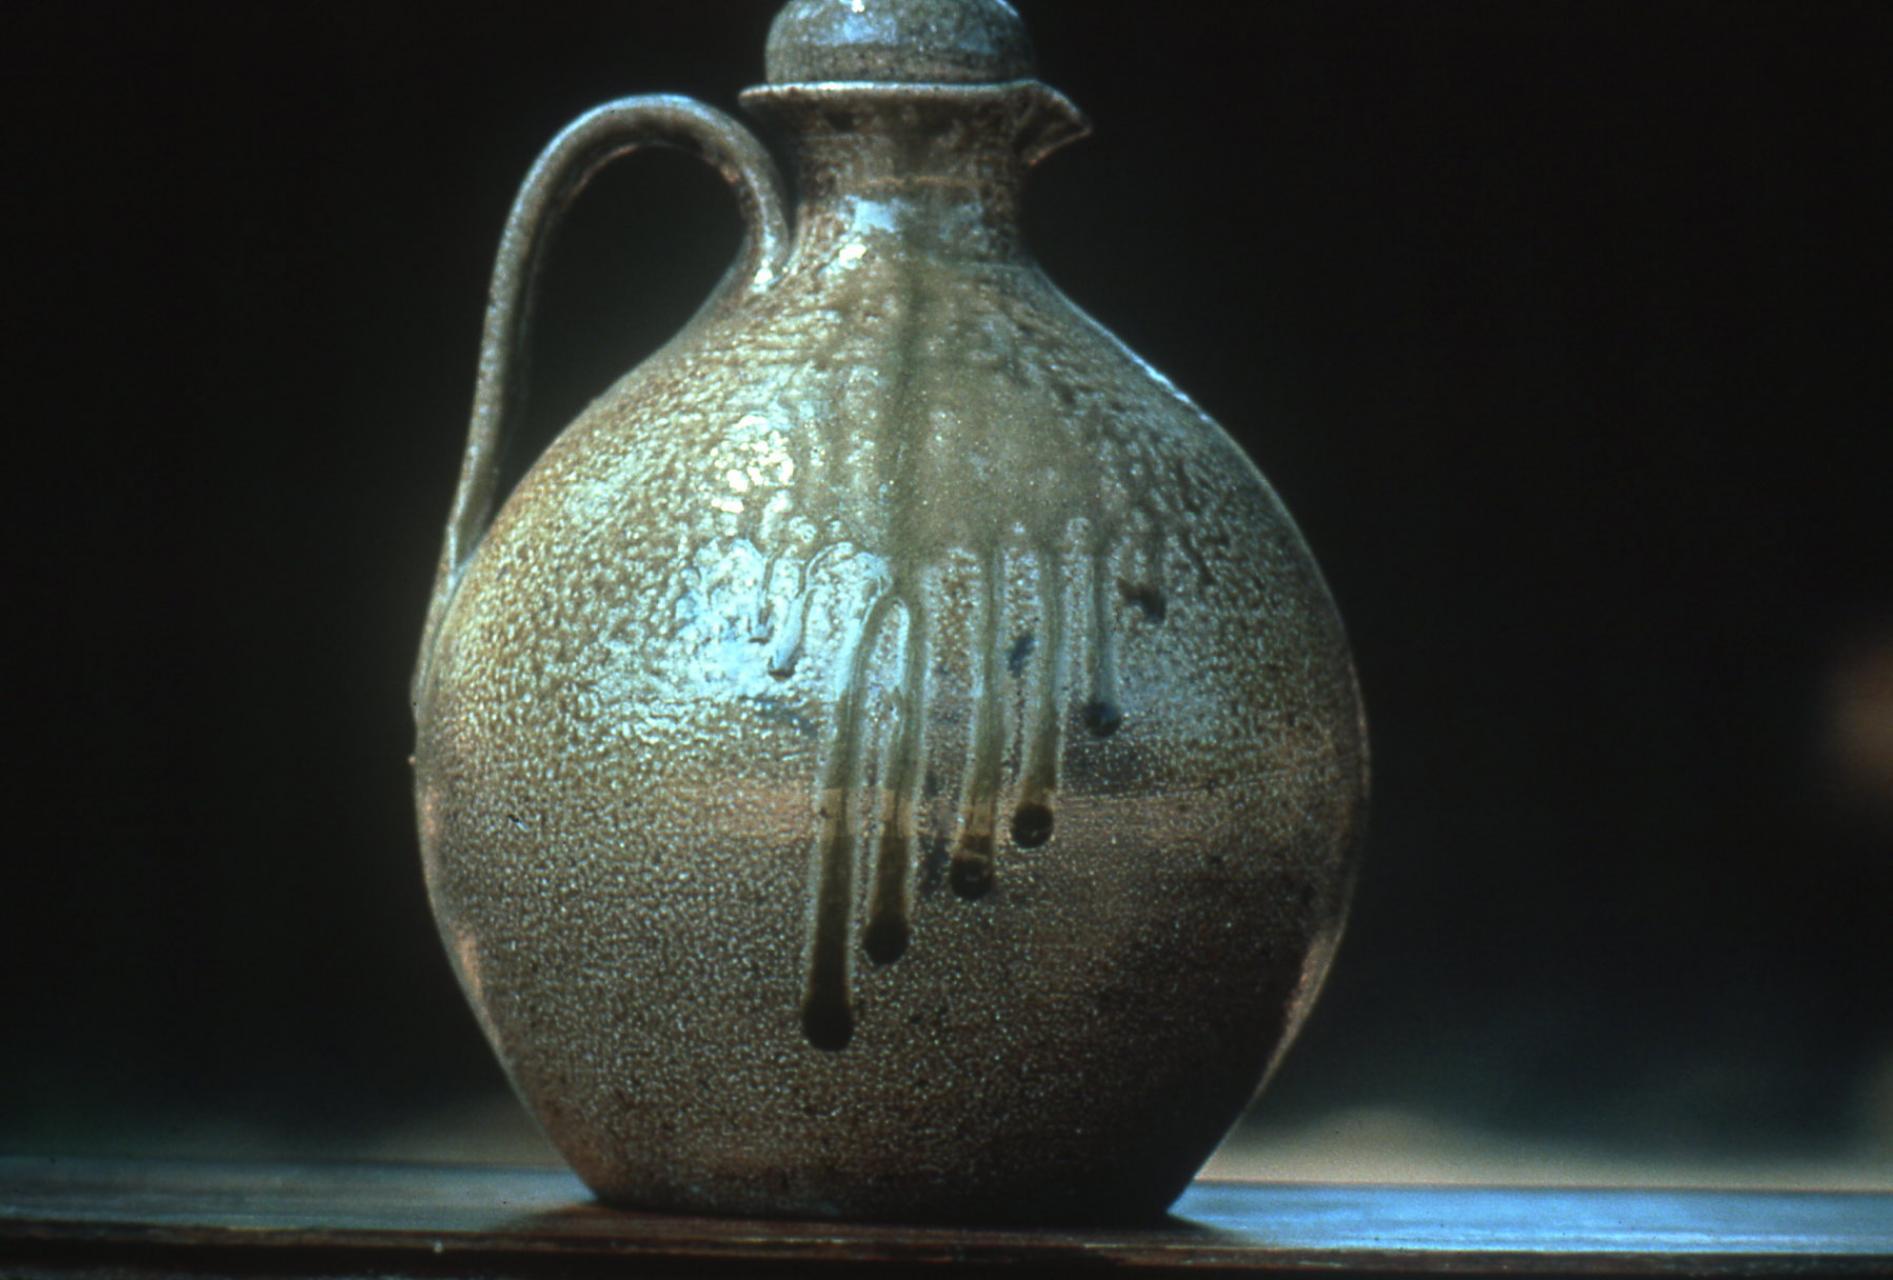 Vernon Owens saltglazed jug. Photo by Sam Sweezy